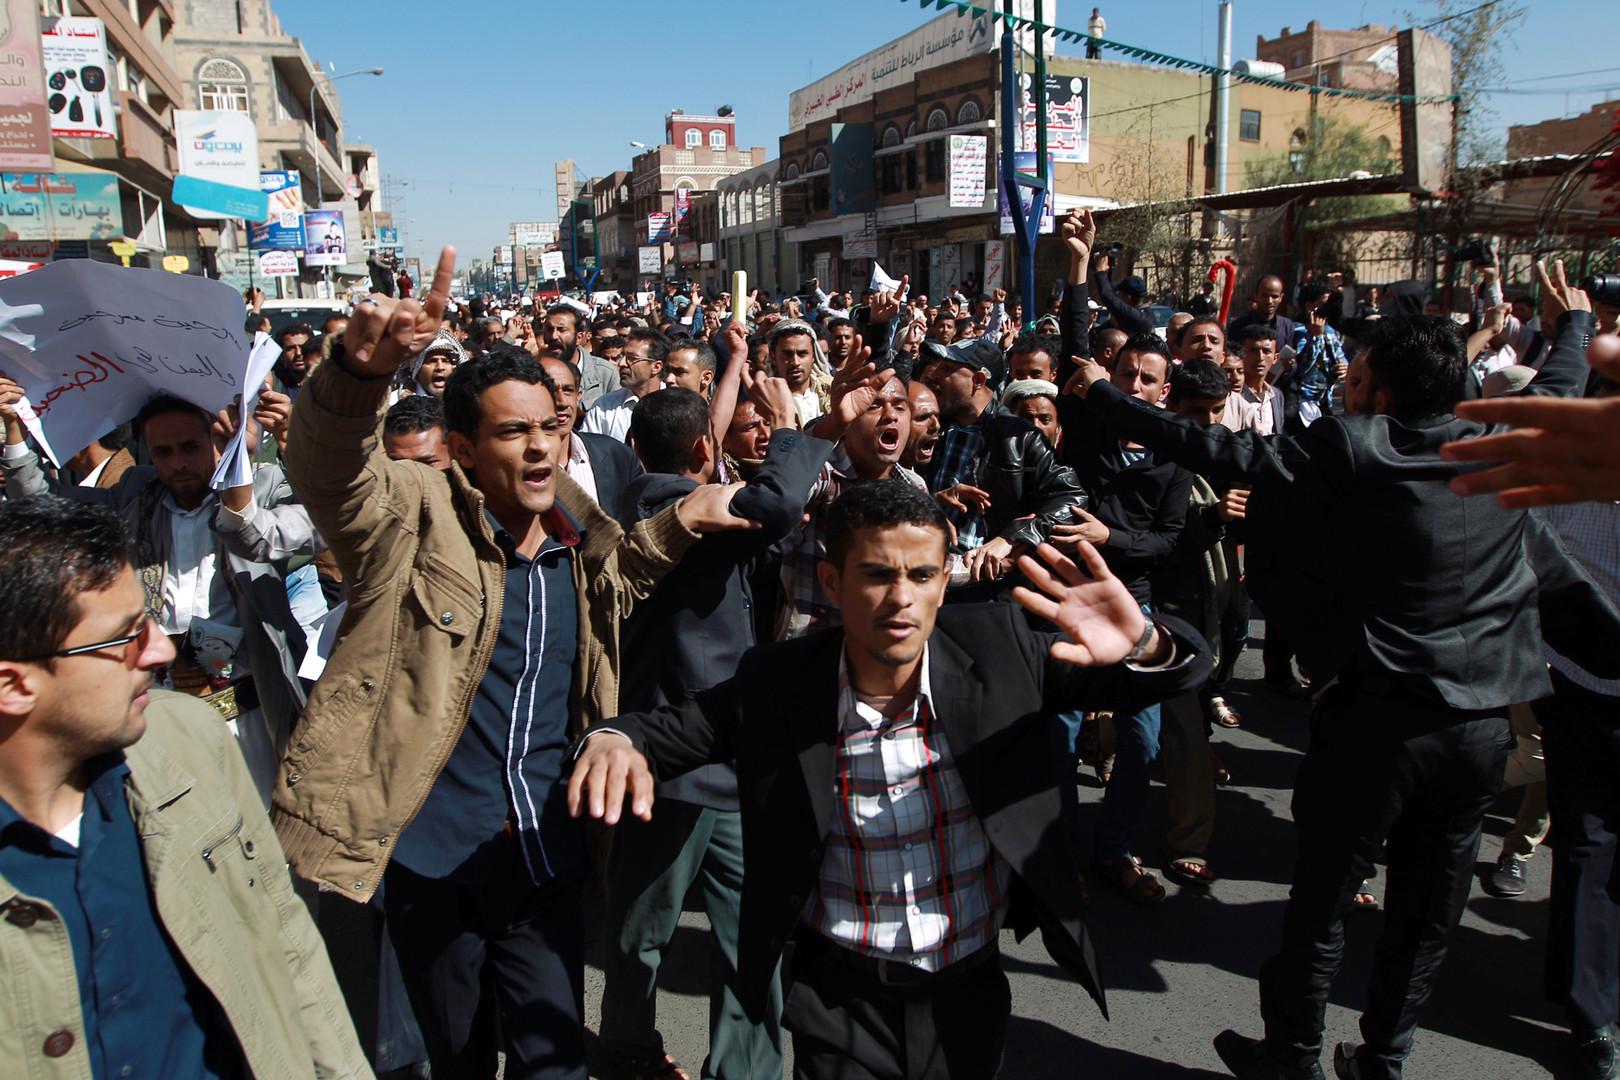 قتلى وجرحى من الحوثيين في رداع ومظاهرات ضدهم في عدة محافظات يمنية